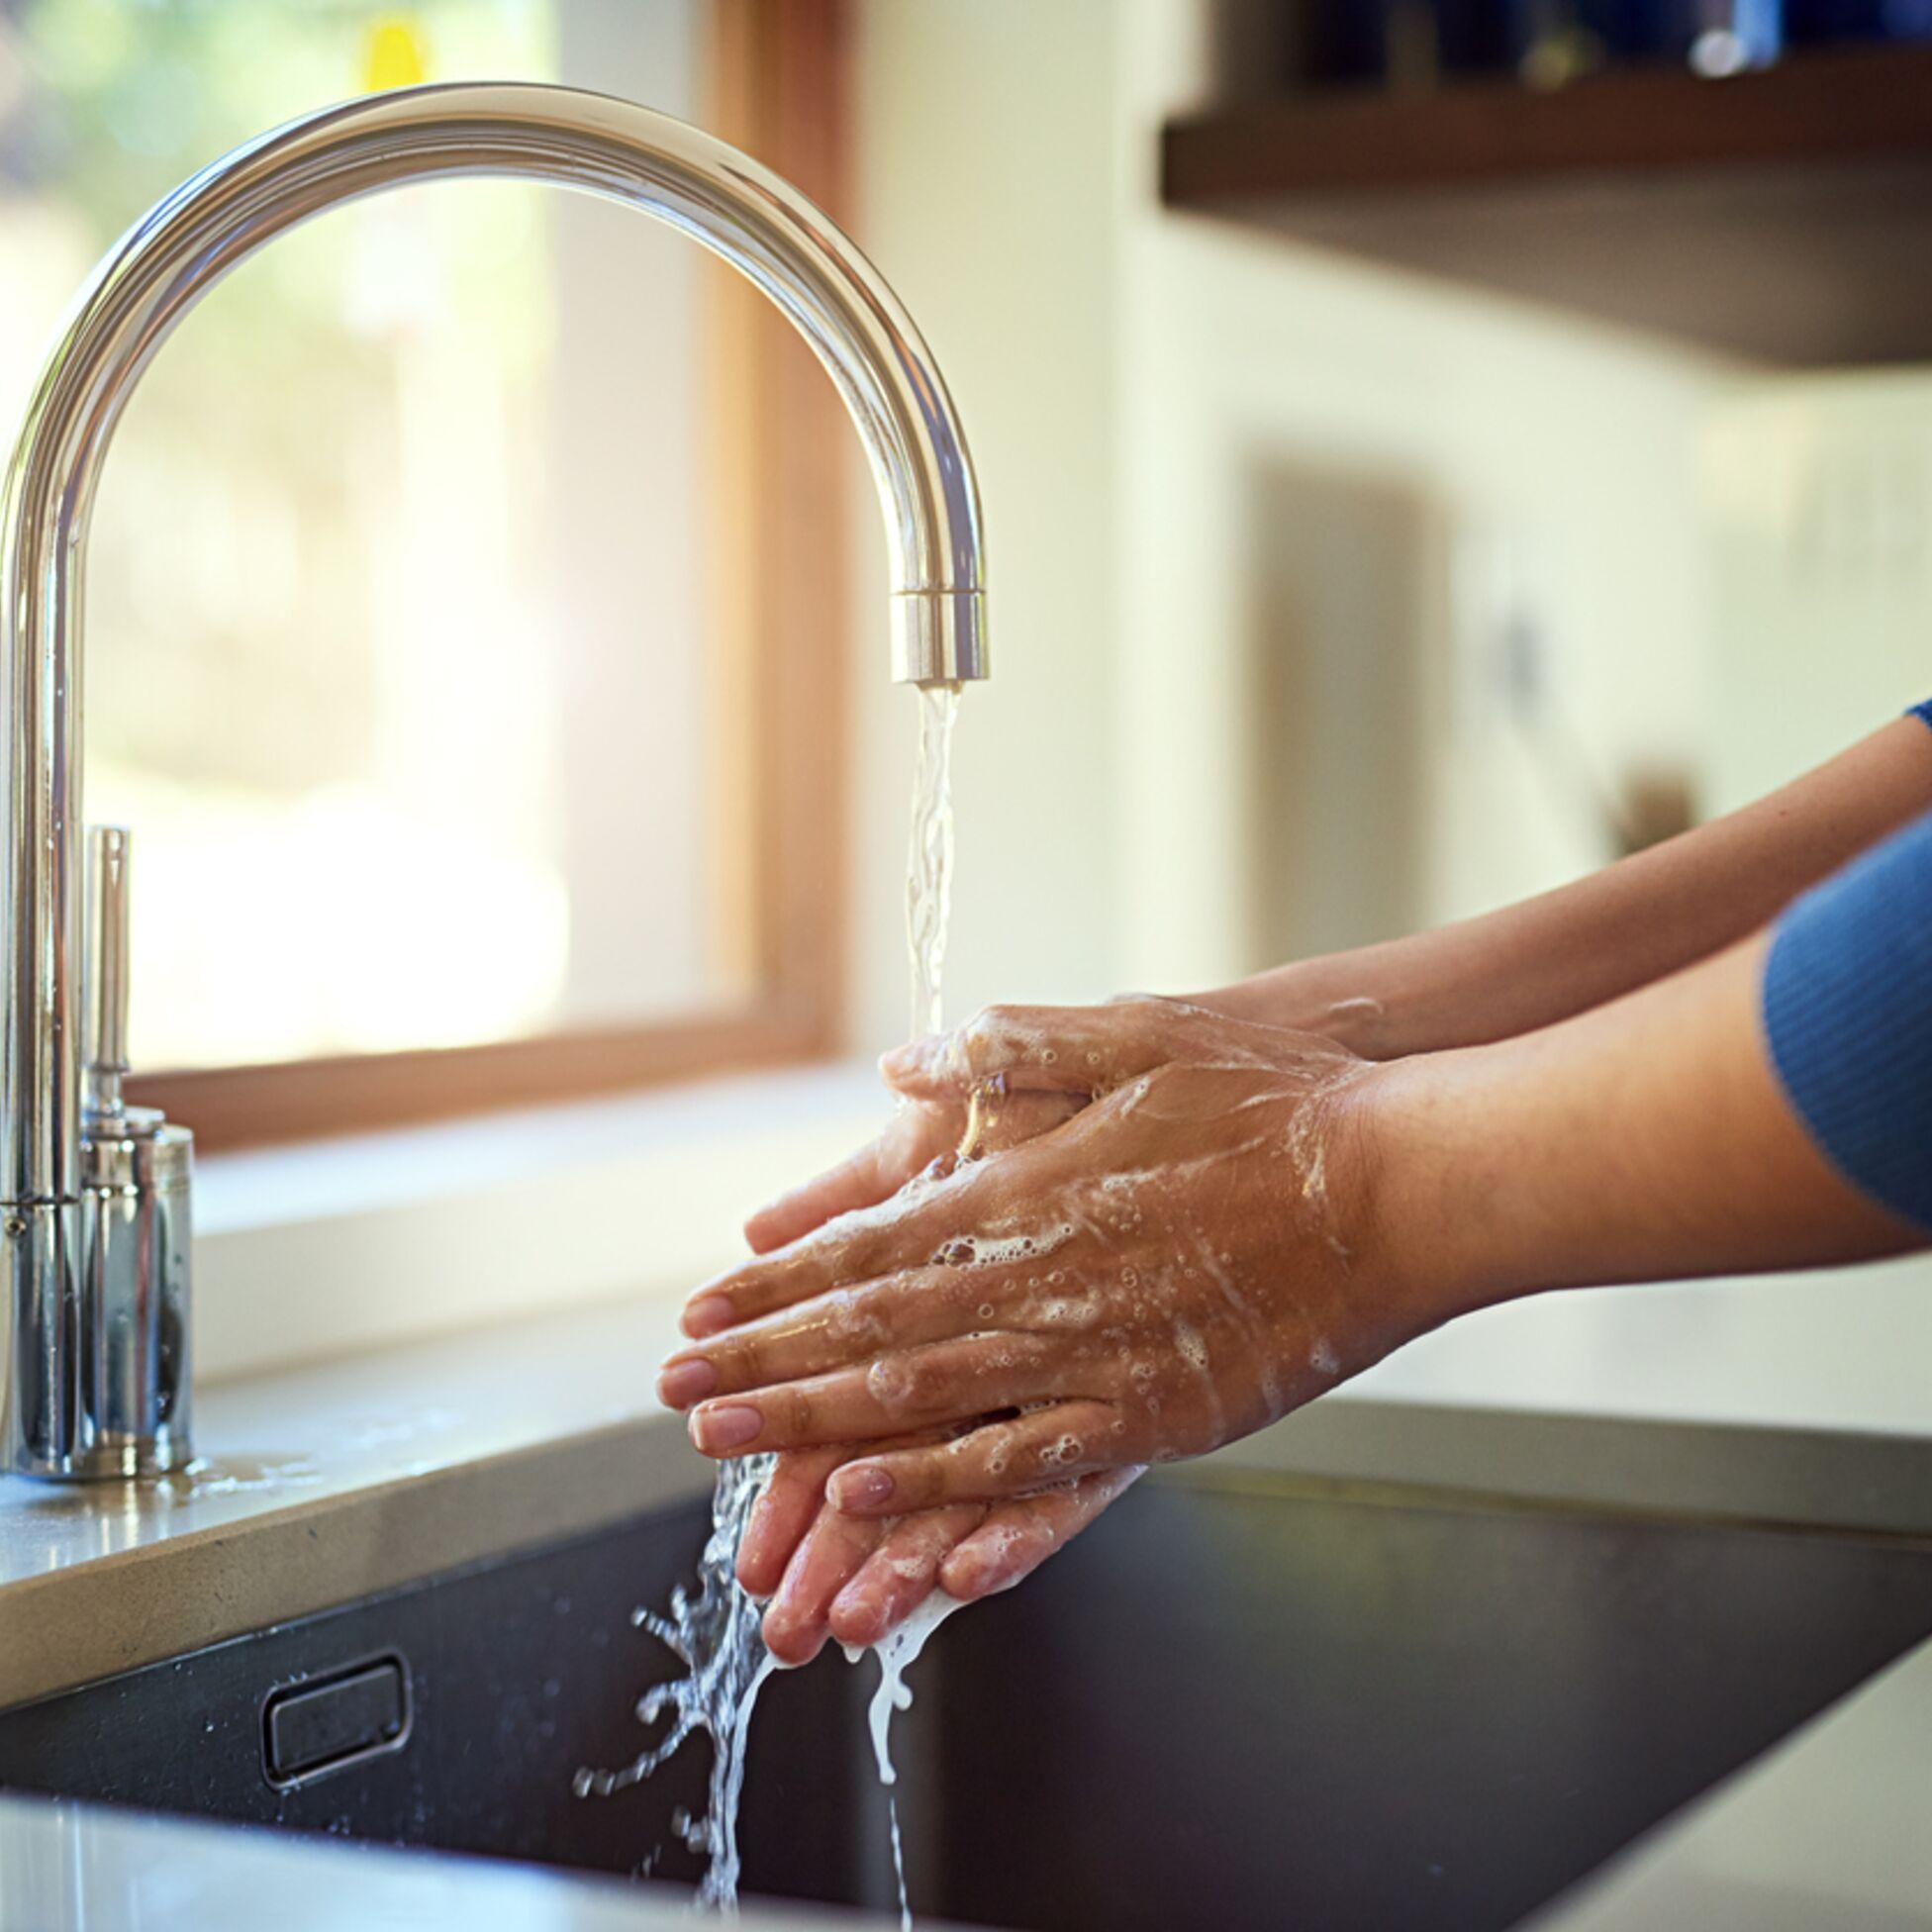 Frau wascht Hände unter Wasserhahn